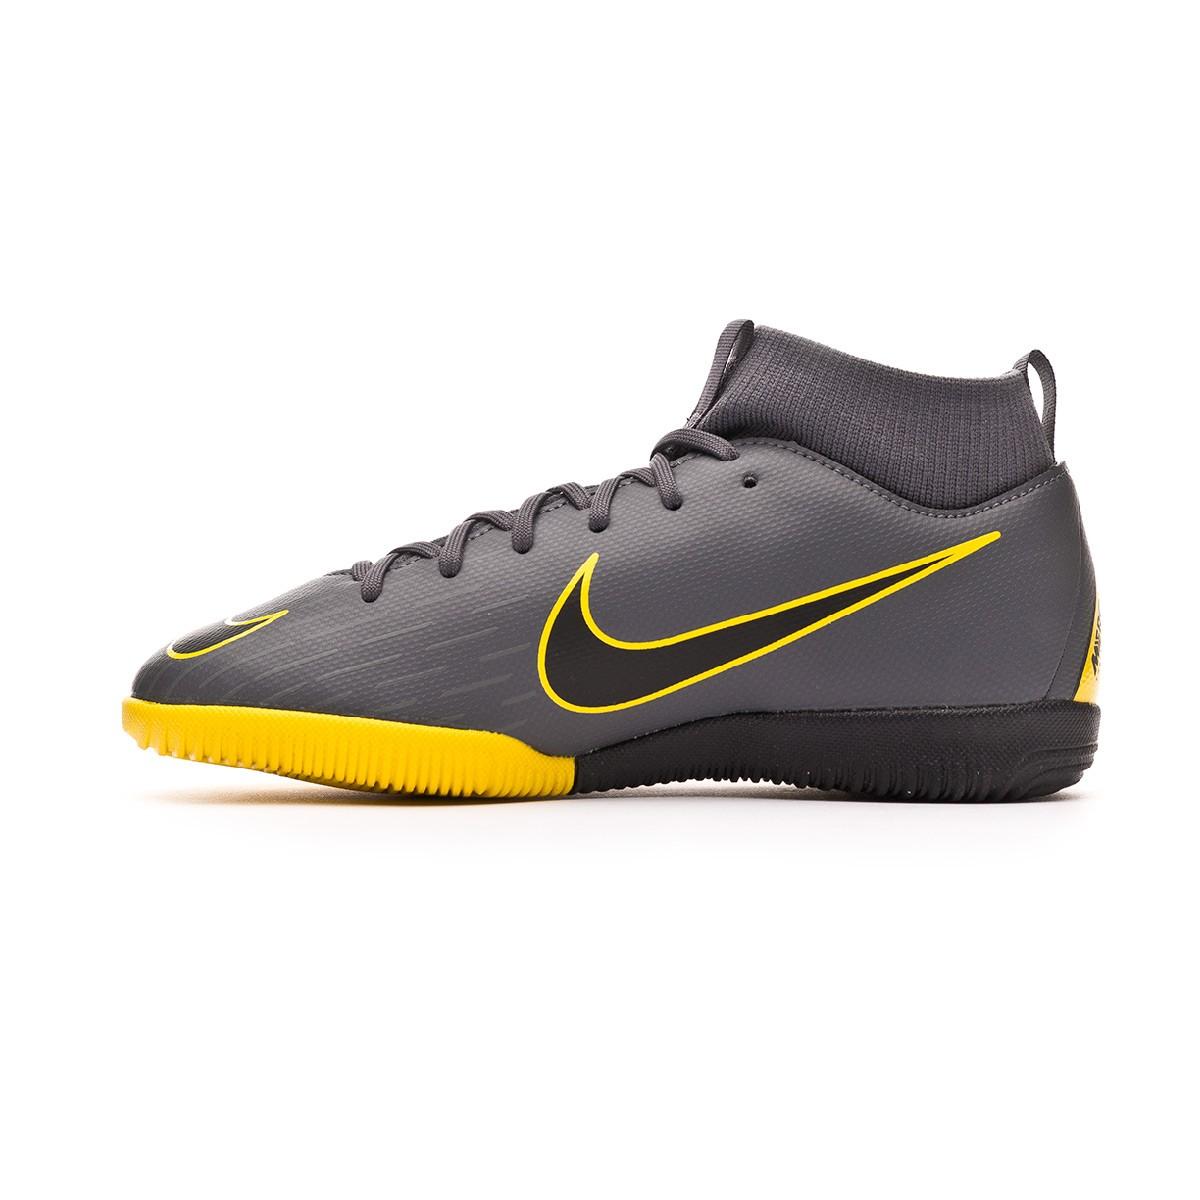 967da2e5ba6ca Tenis Nike Mercurial SuperflyX VI Academy IC Niño Dark grey-Black - Tienda  de fútbol Fútbol Emotion